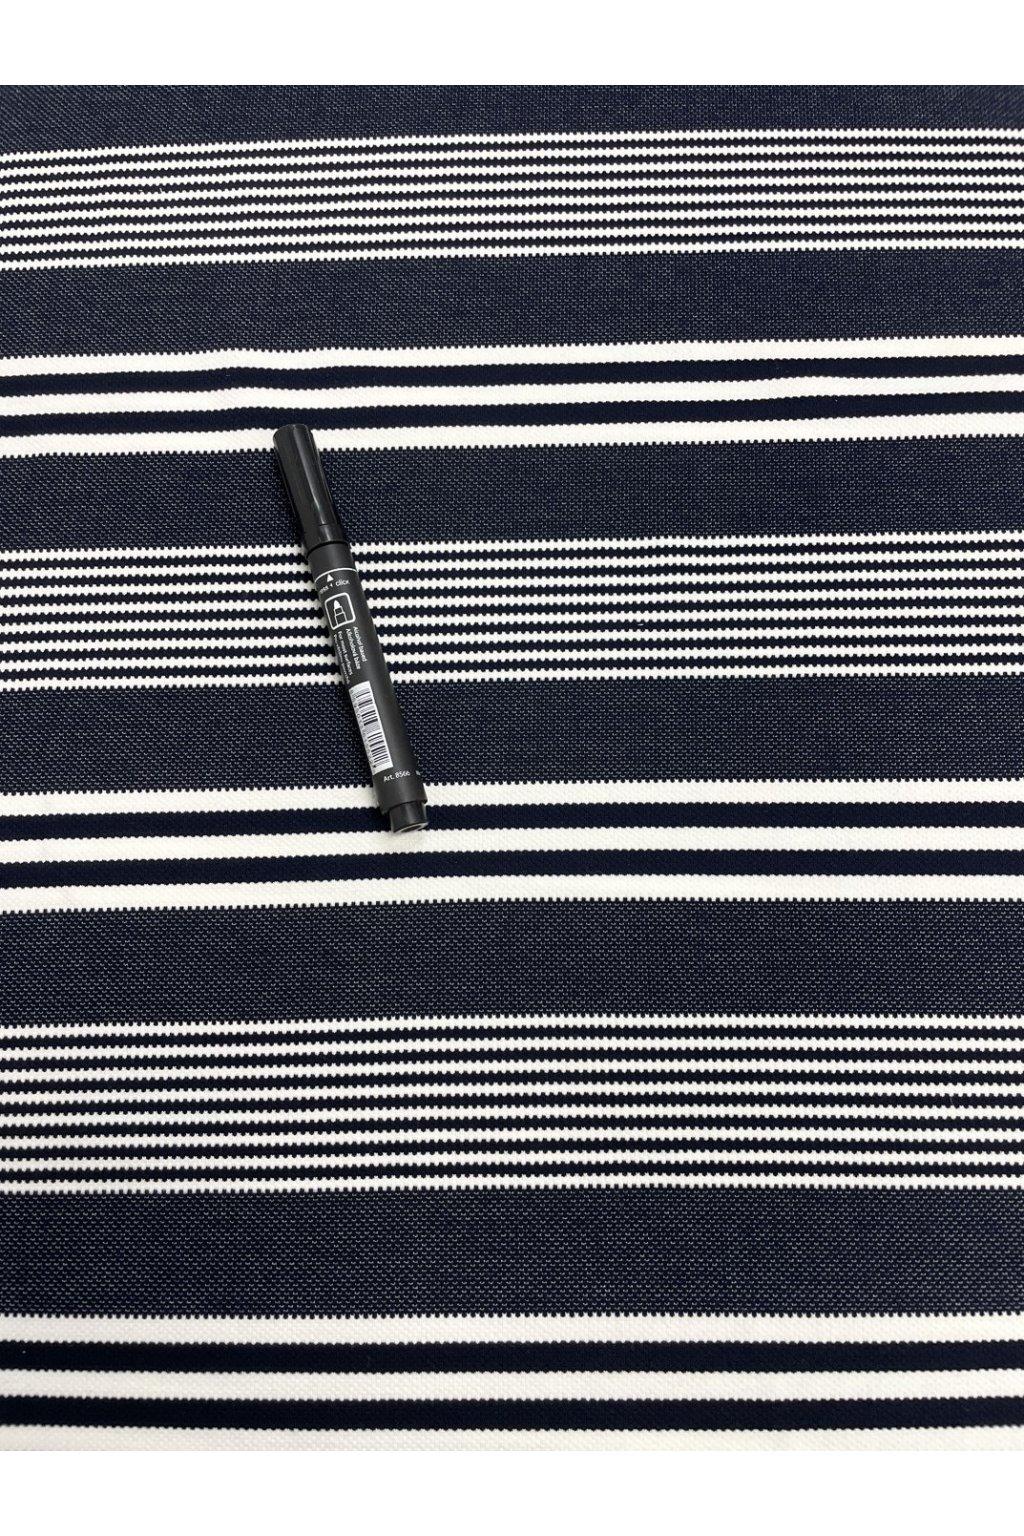 Látka/metráž - úplet černo-bílý pruh - 14921/600 detail